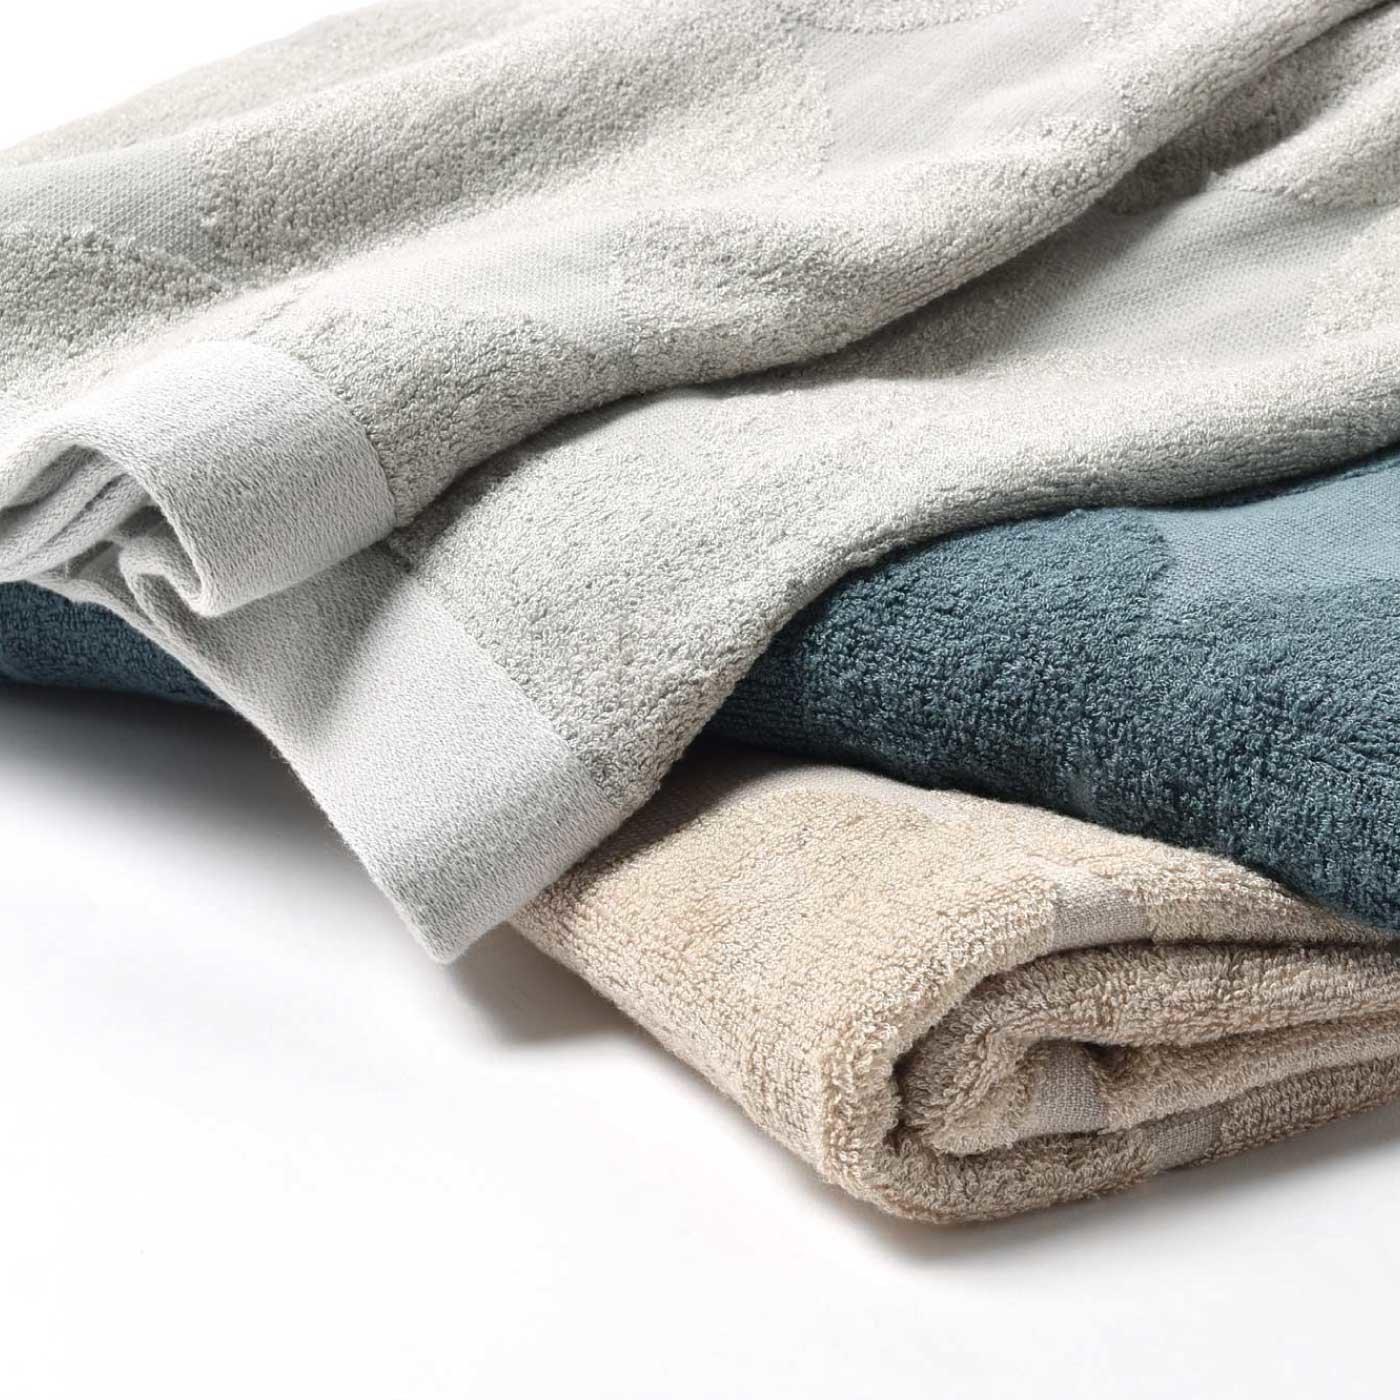 バンブー繊維で肌触りさわやかタオルケット